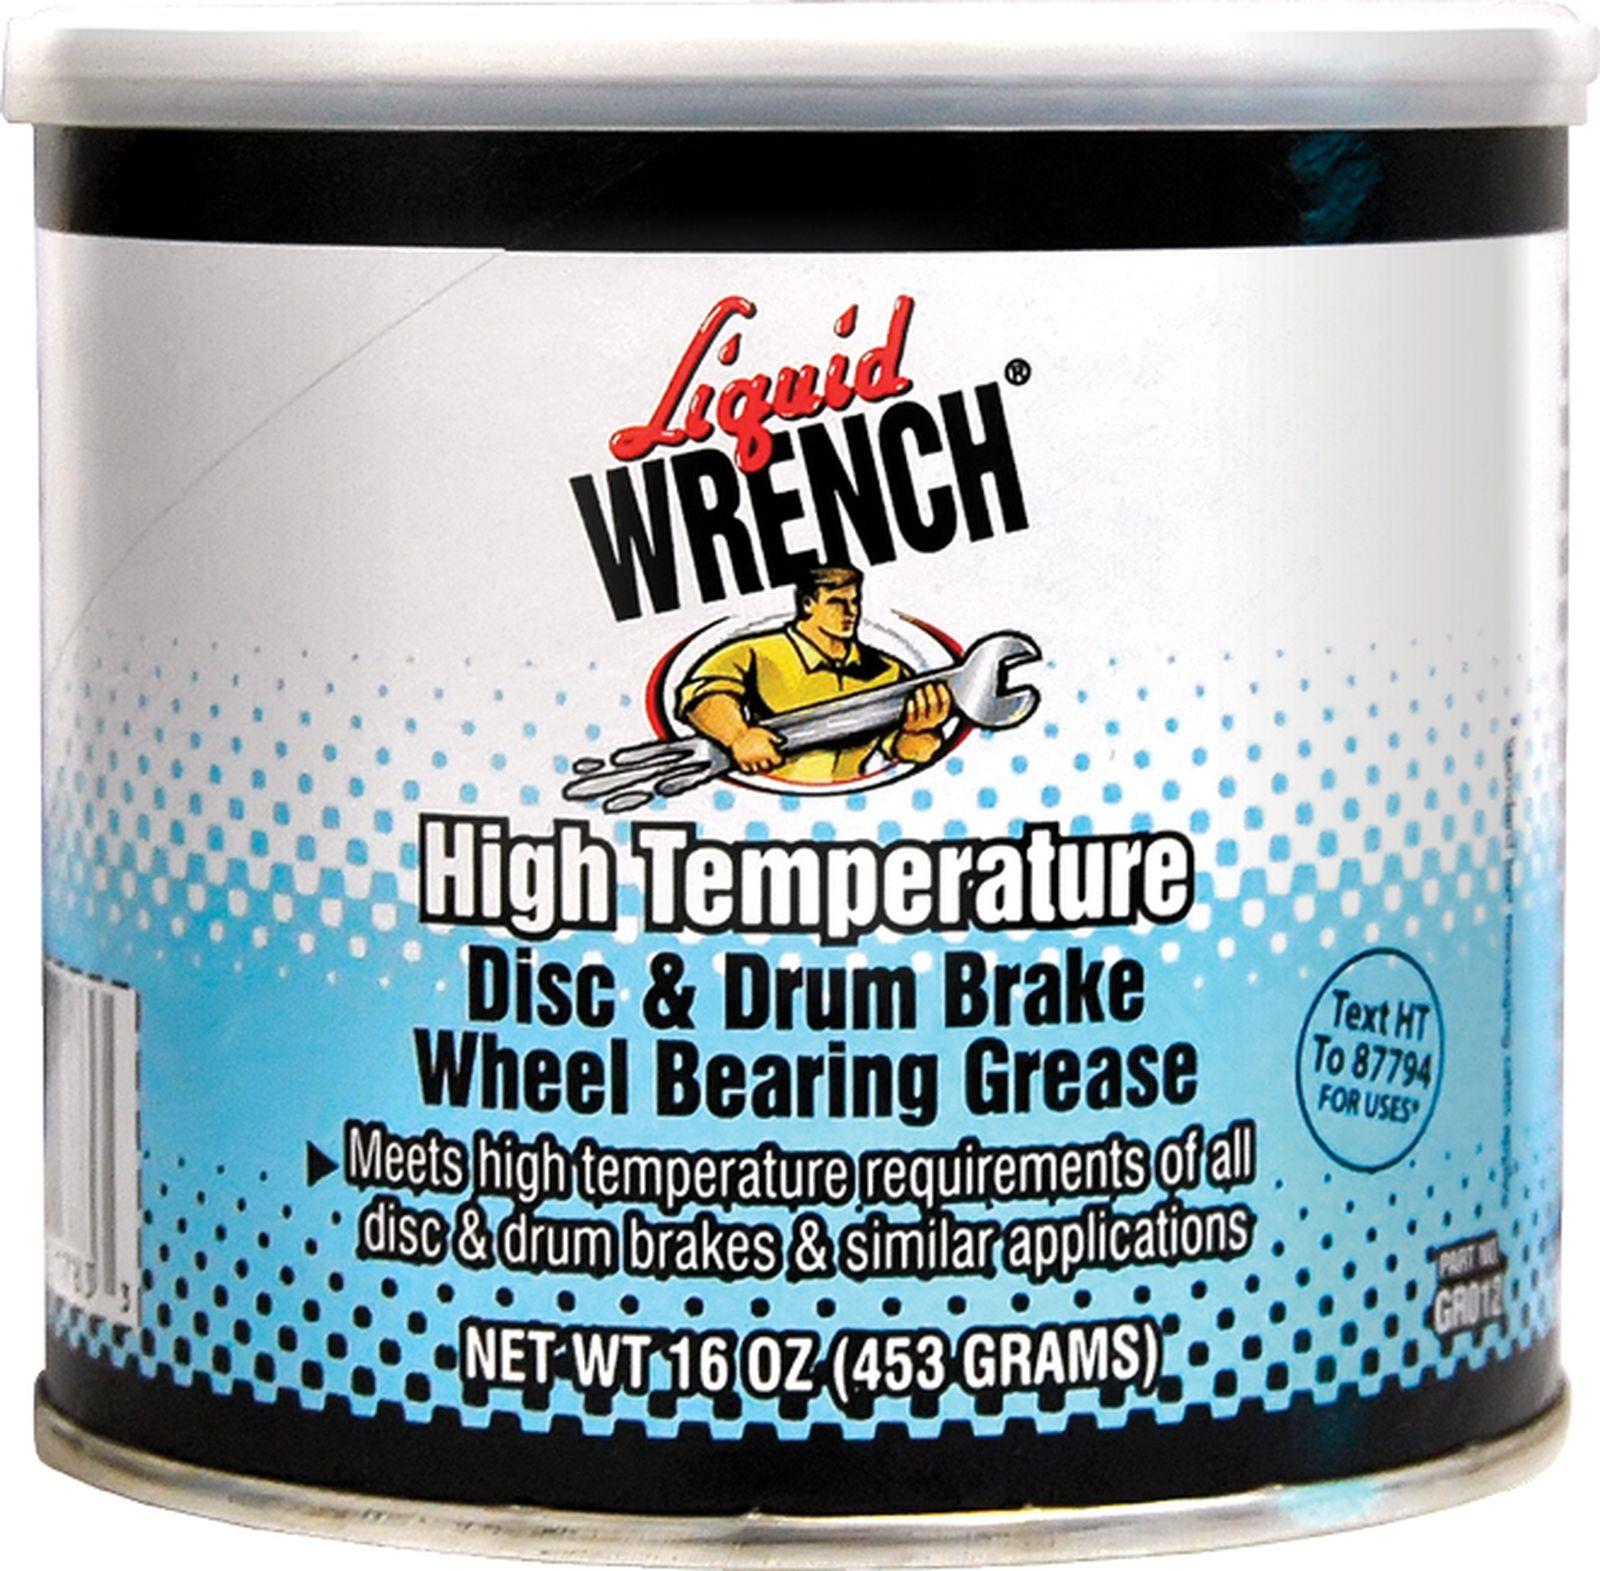 Смазка Gunk, синяя, высокотемпературная, для подшипников дисковых и барабанных тормозов, 500 мл